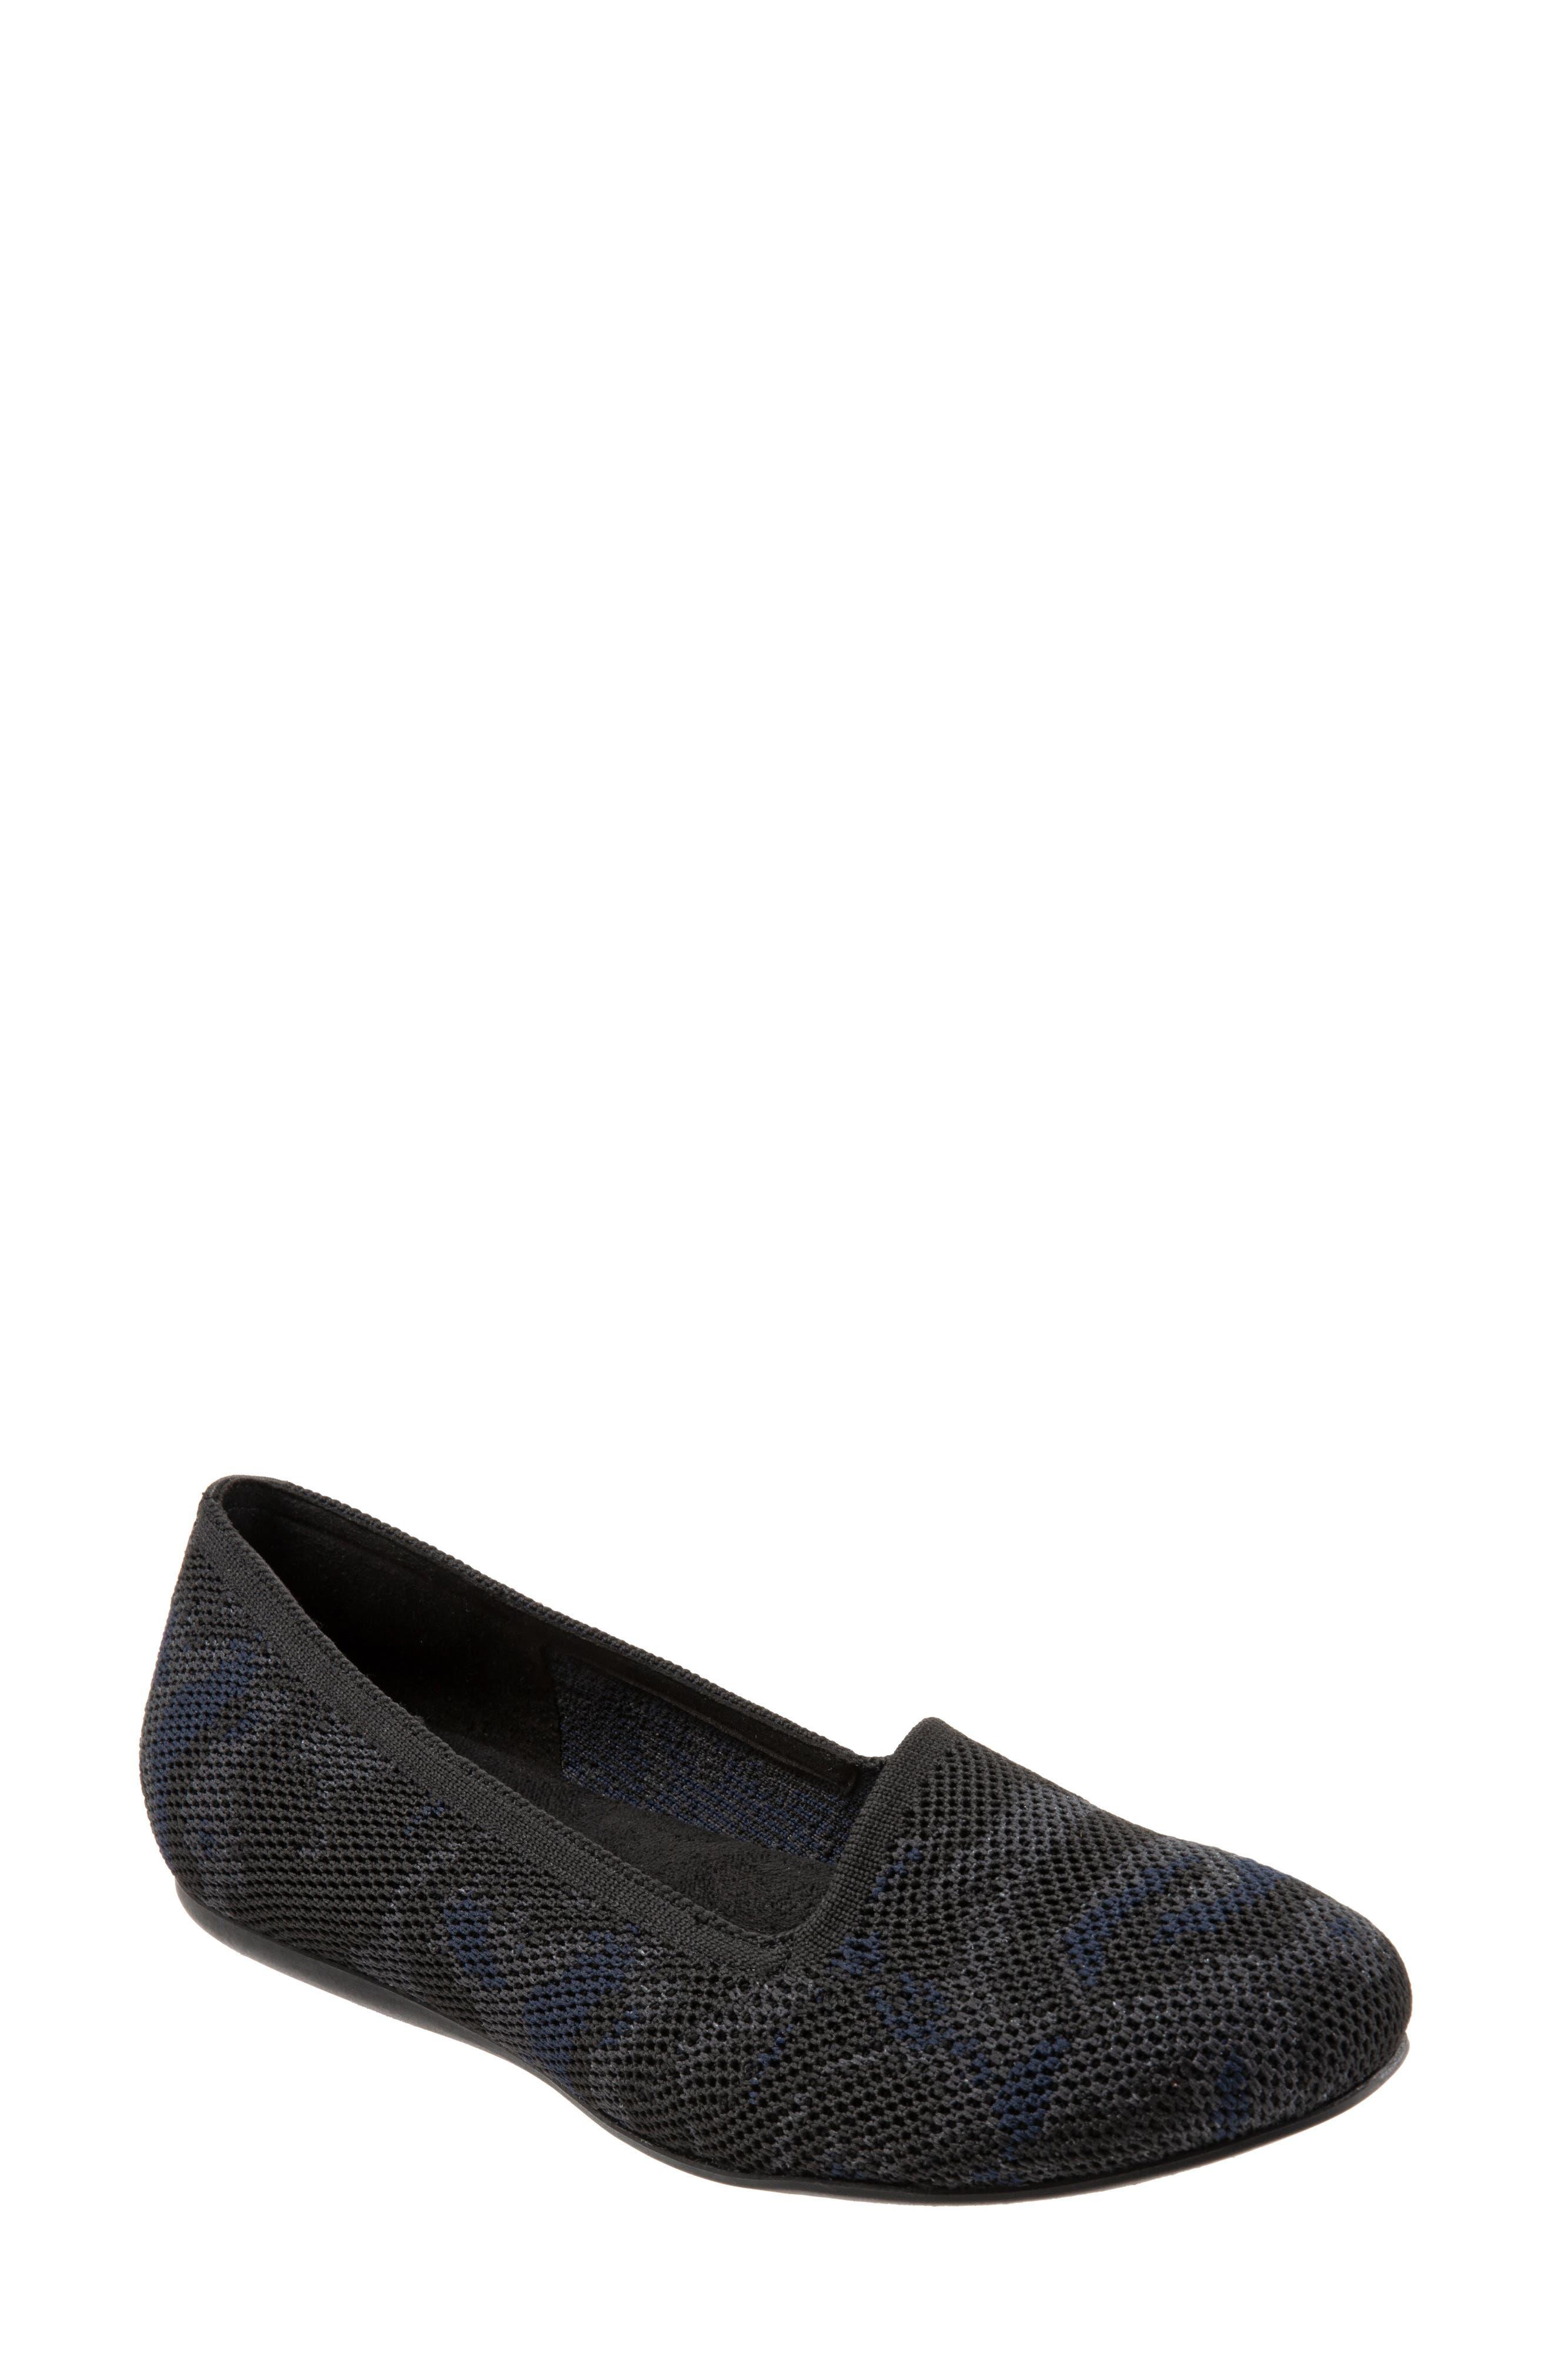 SOFTWALK<SUP>®</SUP>, Sicily Knit Flat, Main thumbnail 1, color, BLACK/ GREY FABRIC